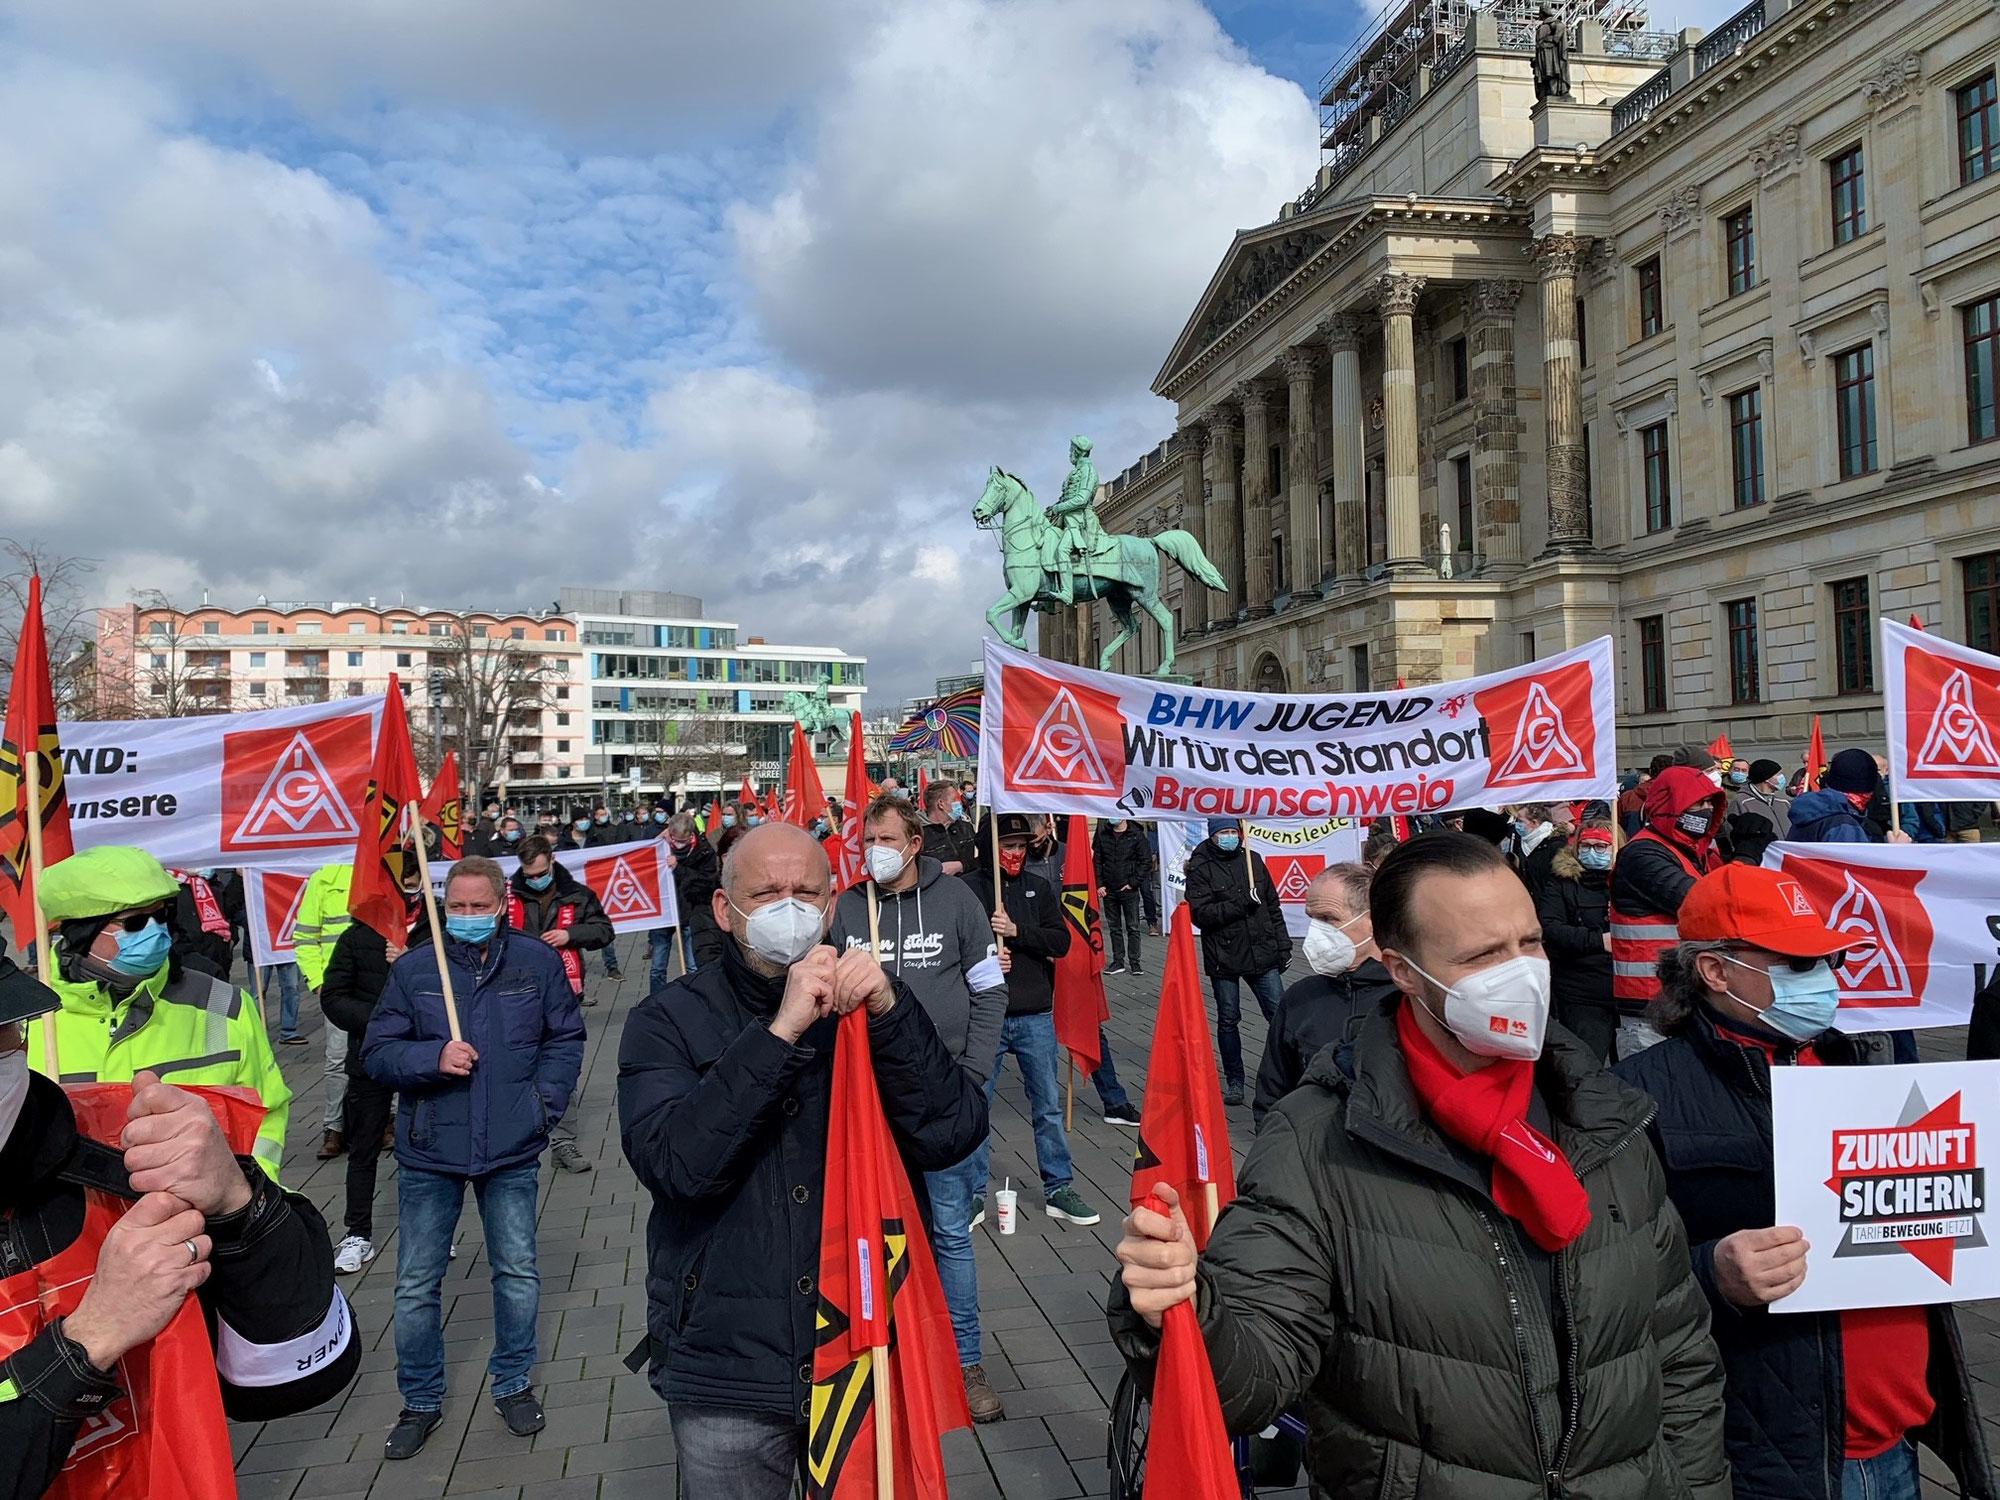 Tarifbewegung 2021 - Kundgebung auf dem Braunschweiger Schlossplatz